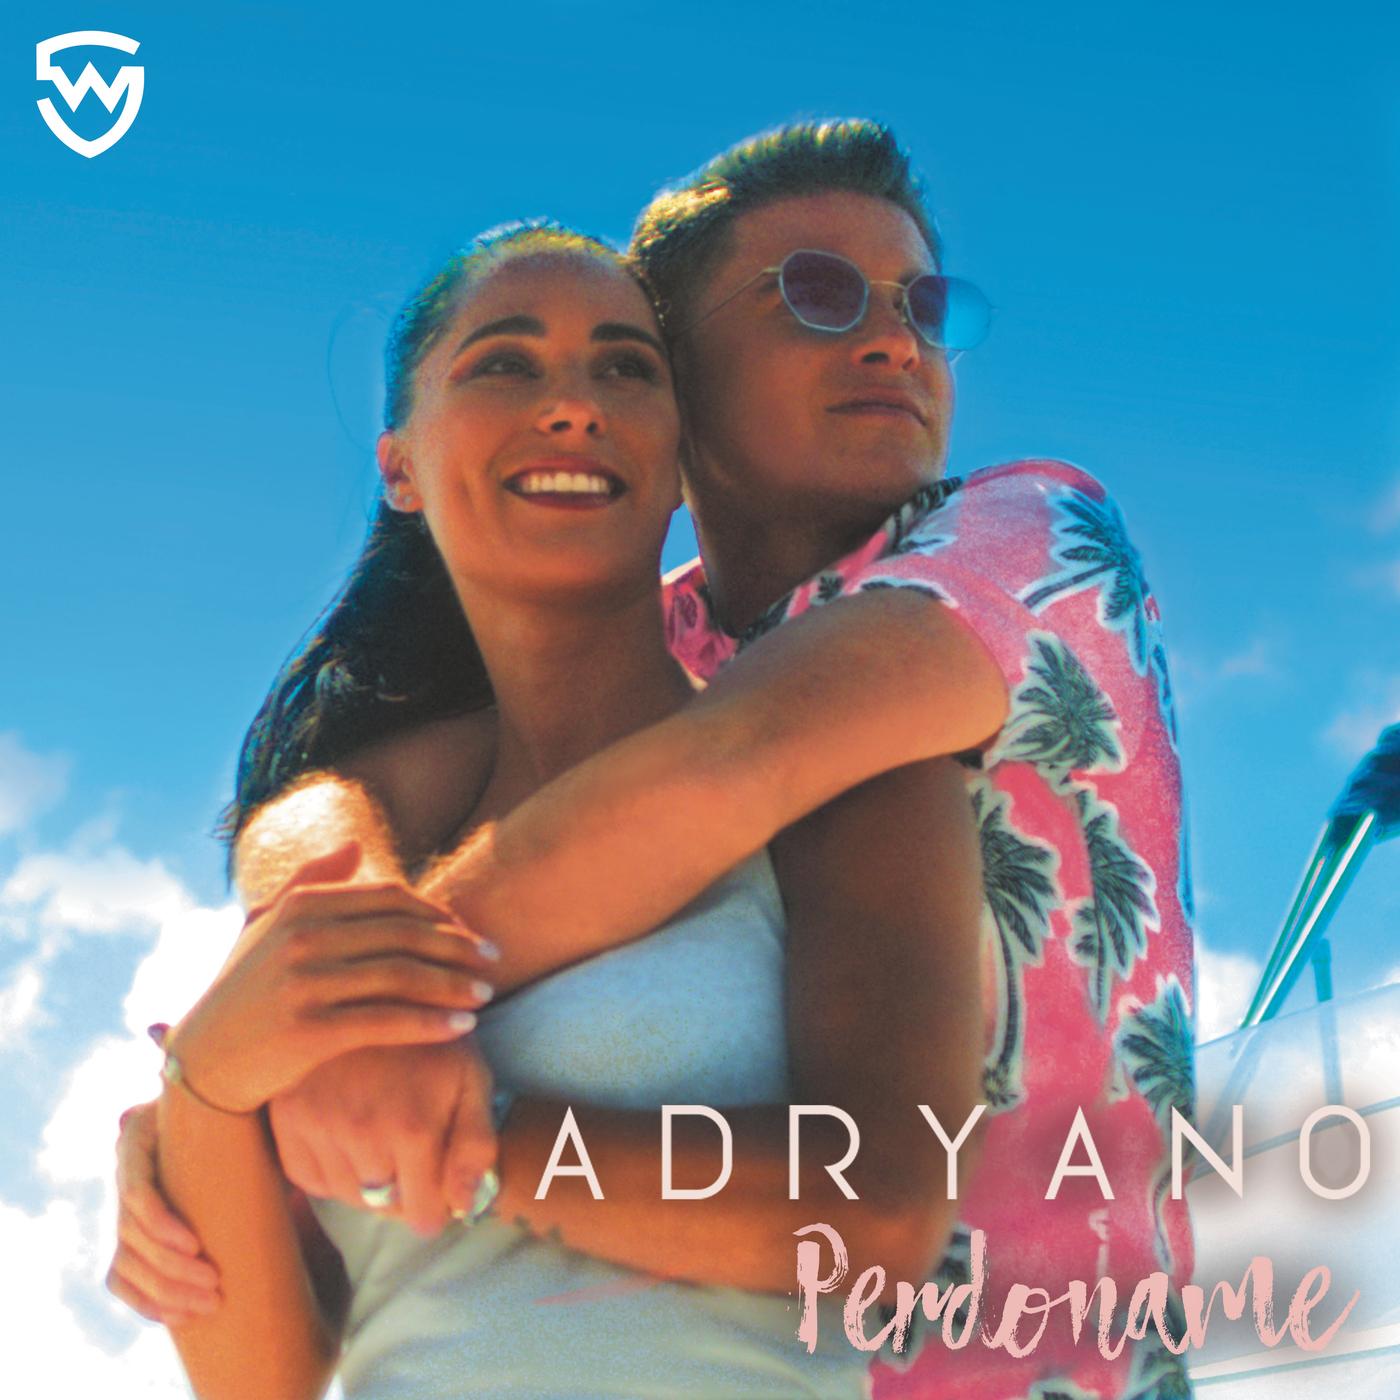 Perdoname - Adryano